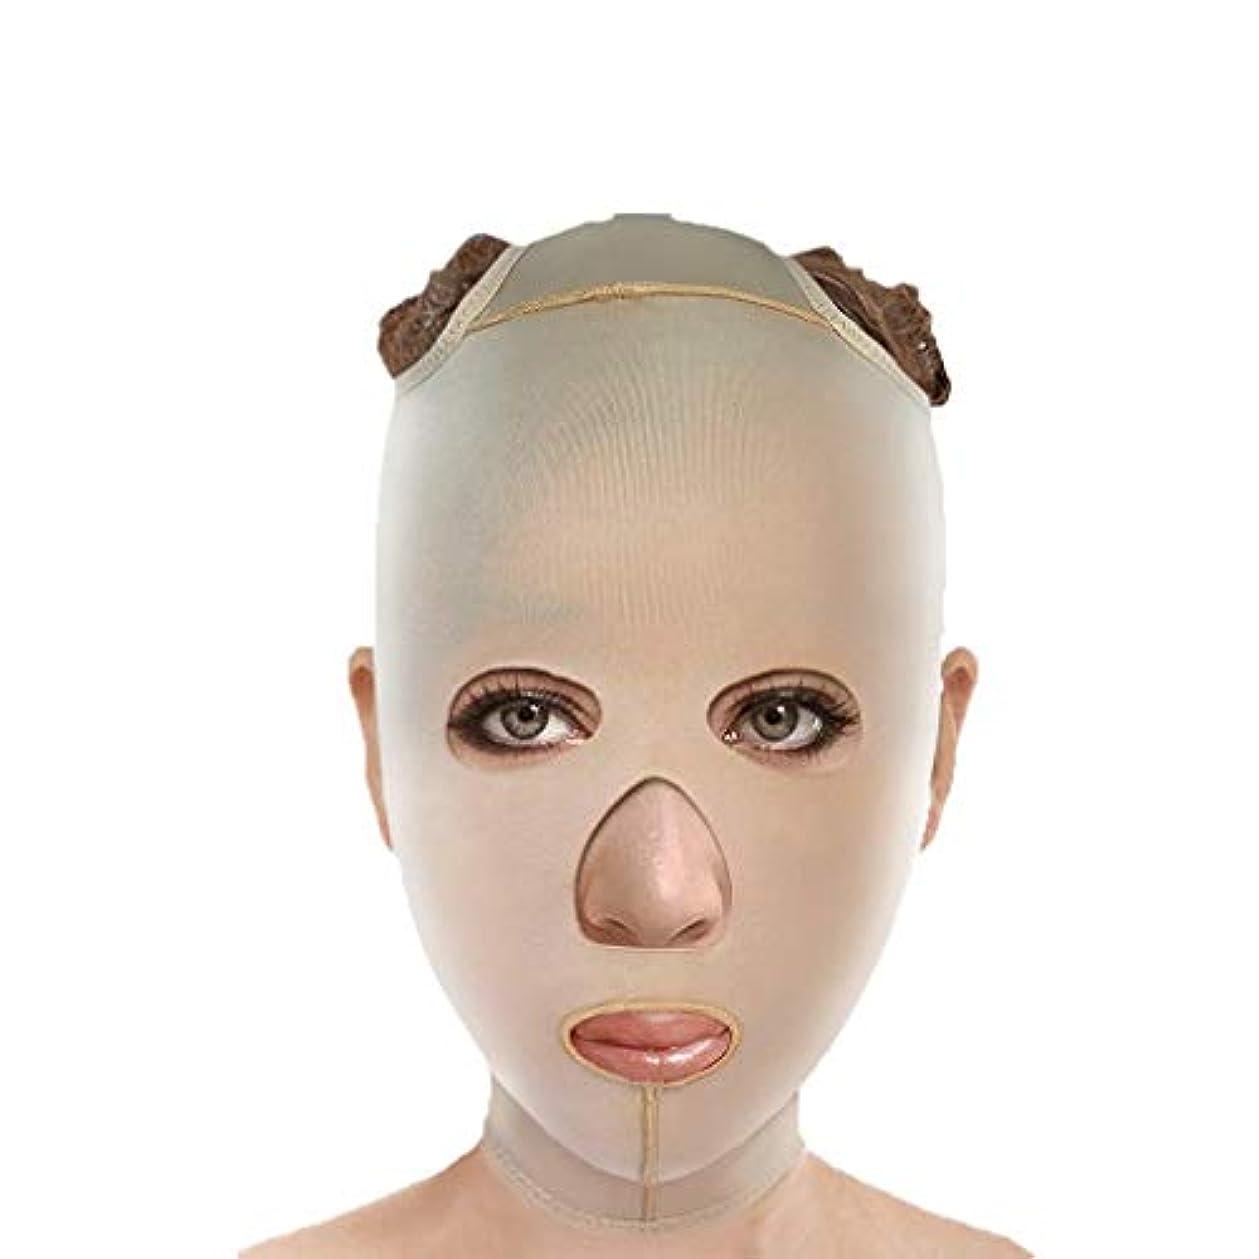 通信網値下げ生むチンストラップ、フェイスリフティング、アンチエイジングフェイシャル包帯、フェイシャル減量マスク、ファーミングマスク、フェイシャルリフティングアーティファクト(サイズ:S),ザ?